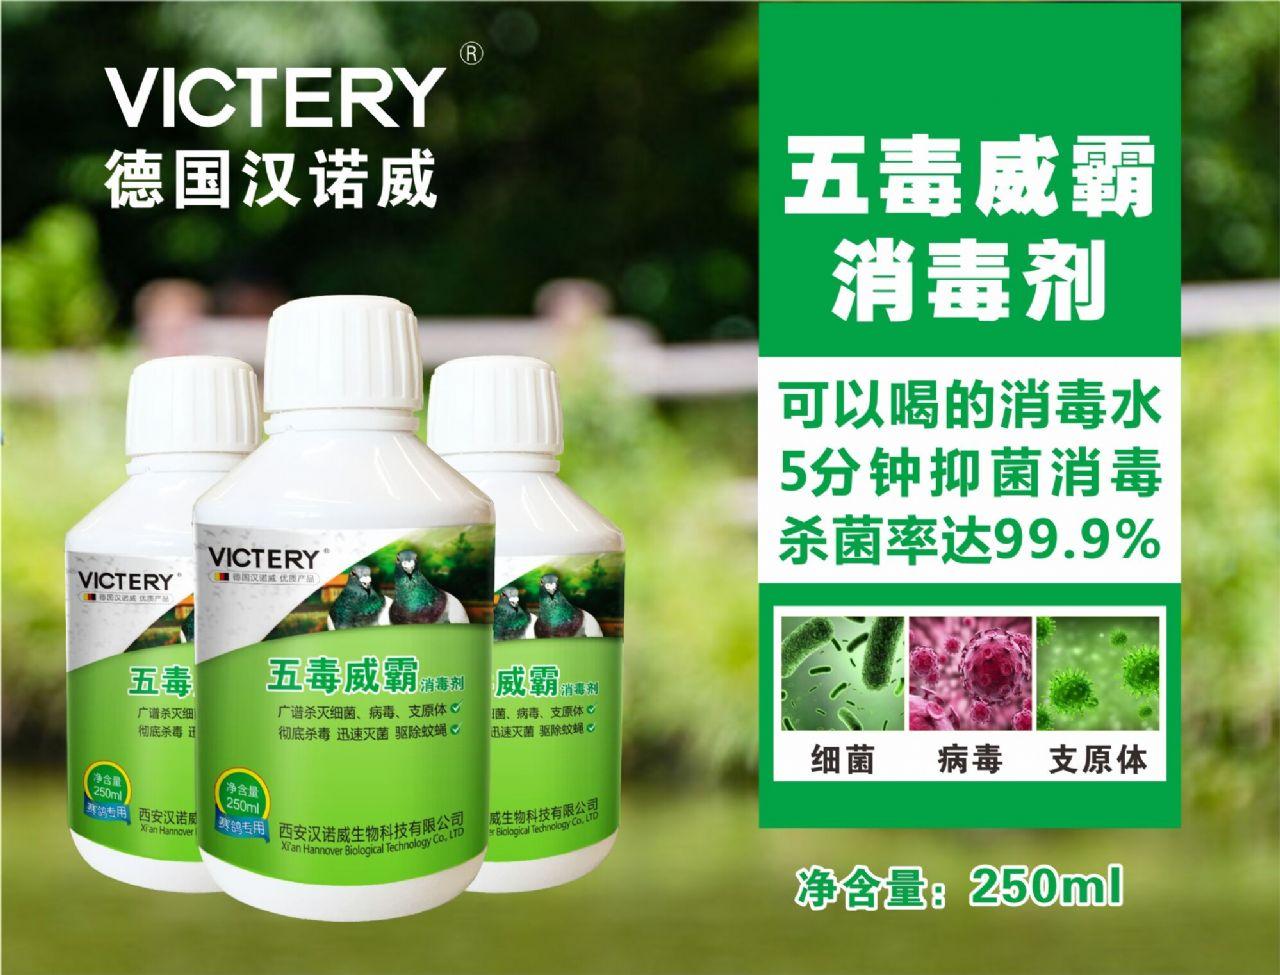 五毒威霸消毒剂:广谱杀灭细菌病毒支原体  迅速驱除蚊蝇